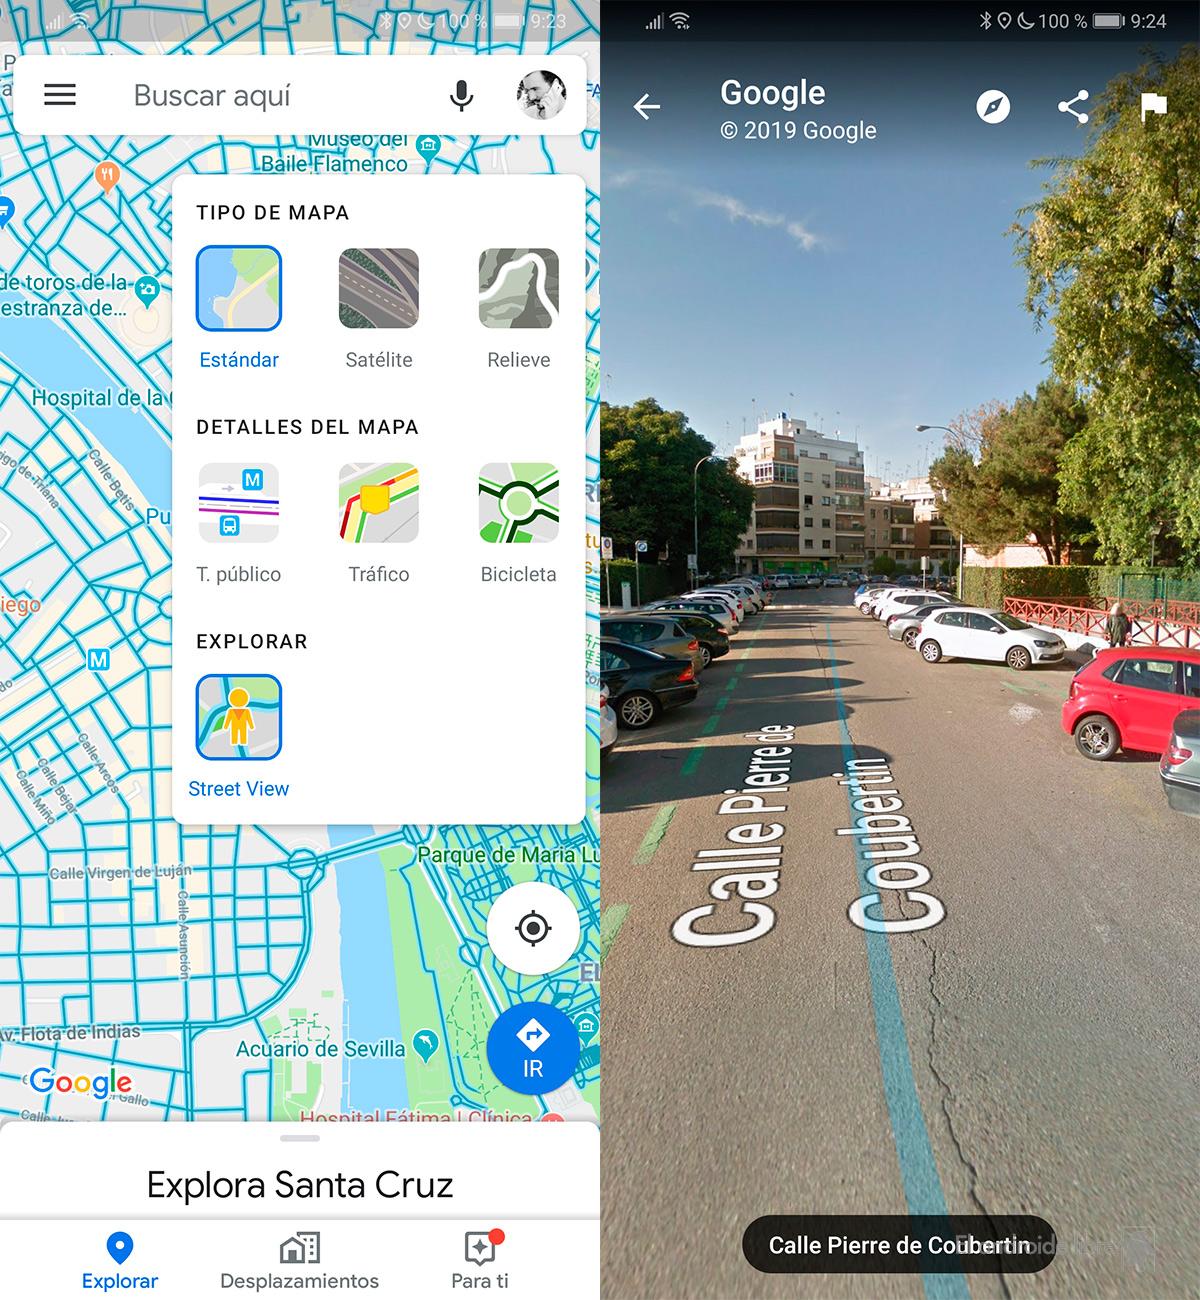 تضيف خرائط Google طبقة جديدة مع ميزة التجوّل الافتراضي إلى الواجهة 1